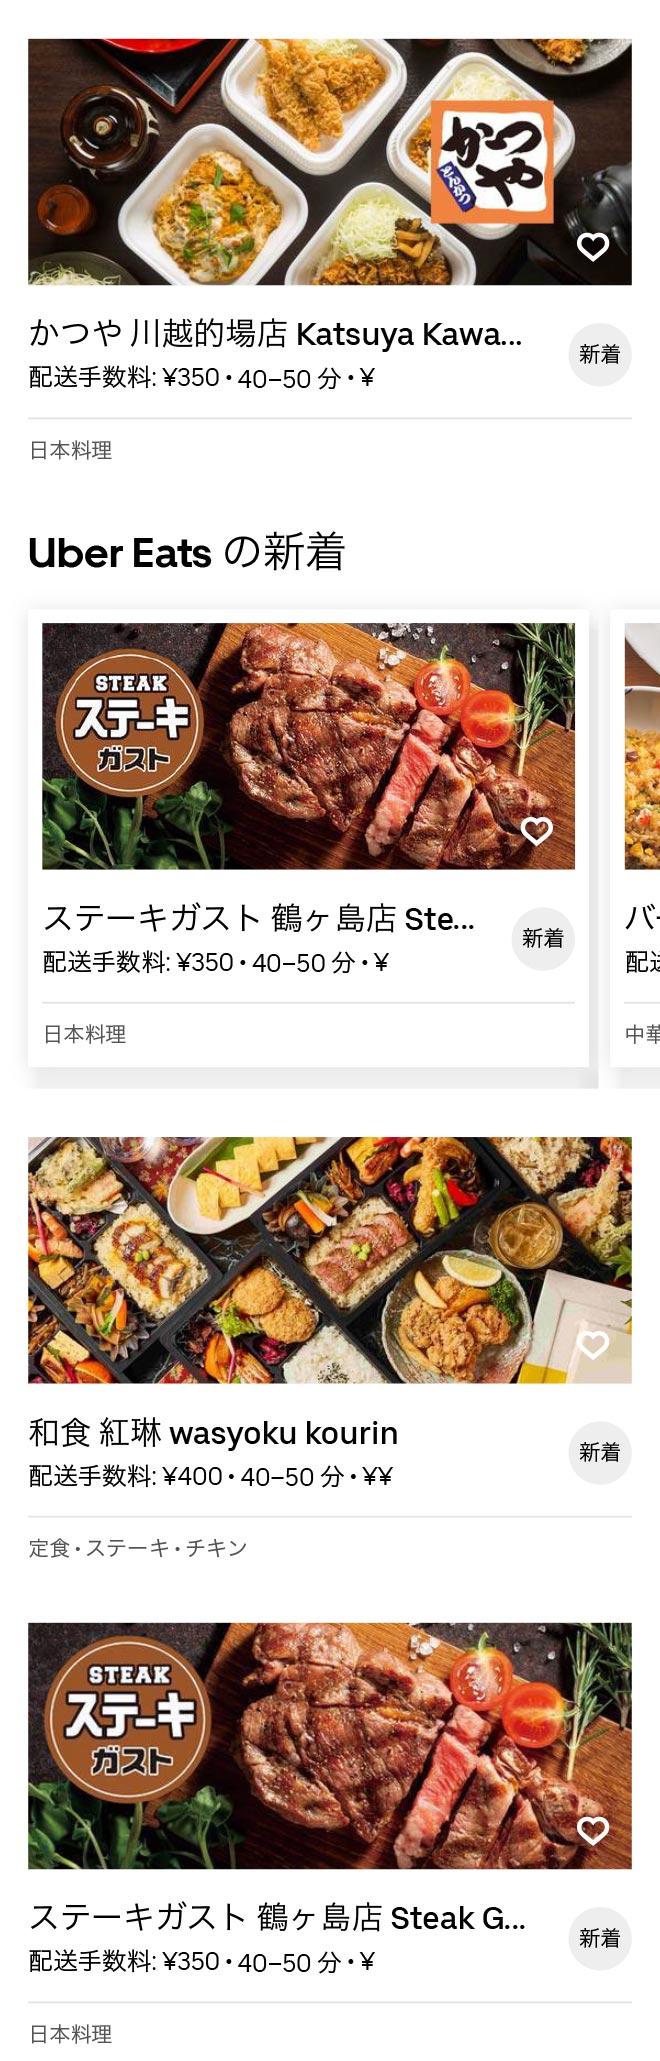 Tsurugashima menu 2010 06